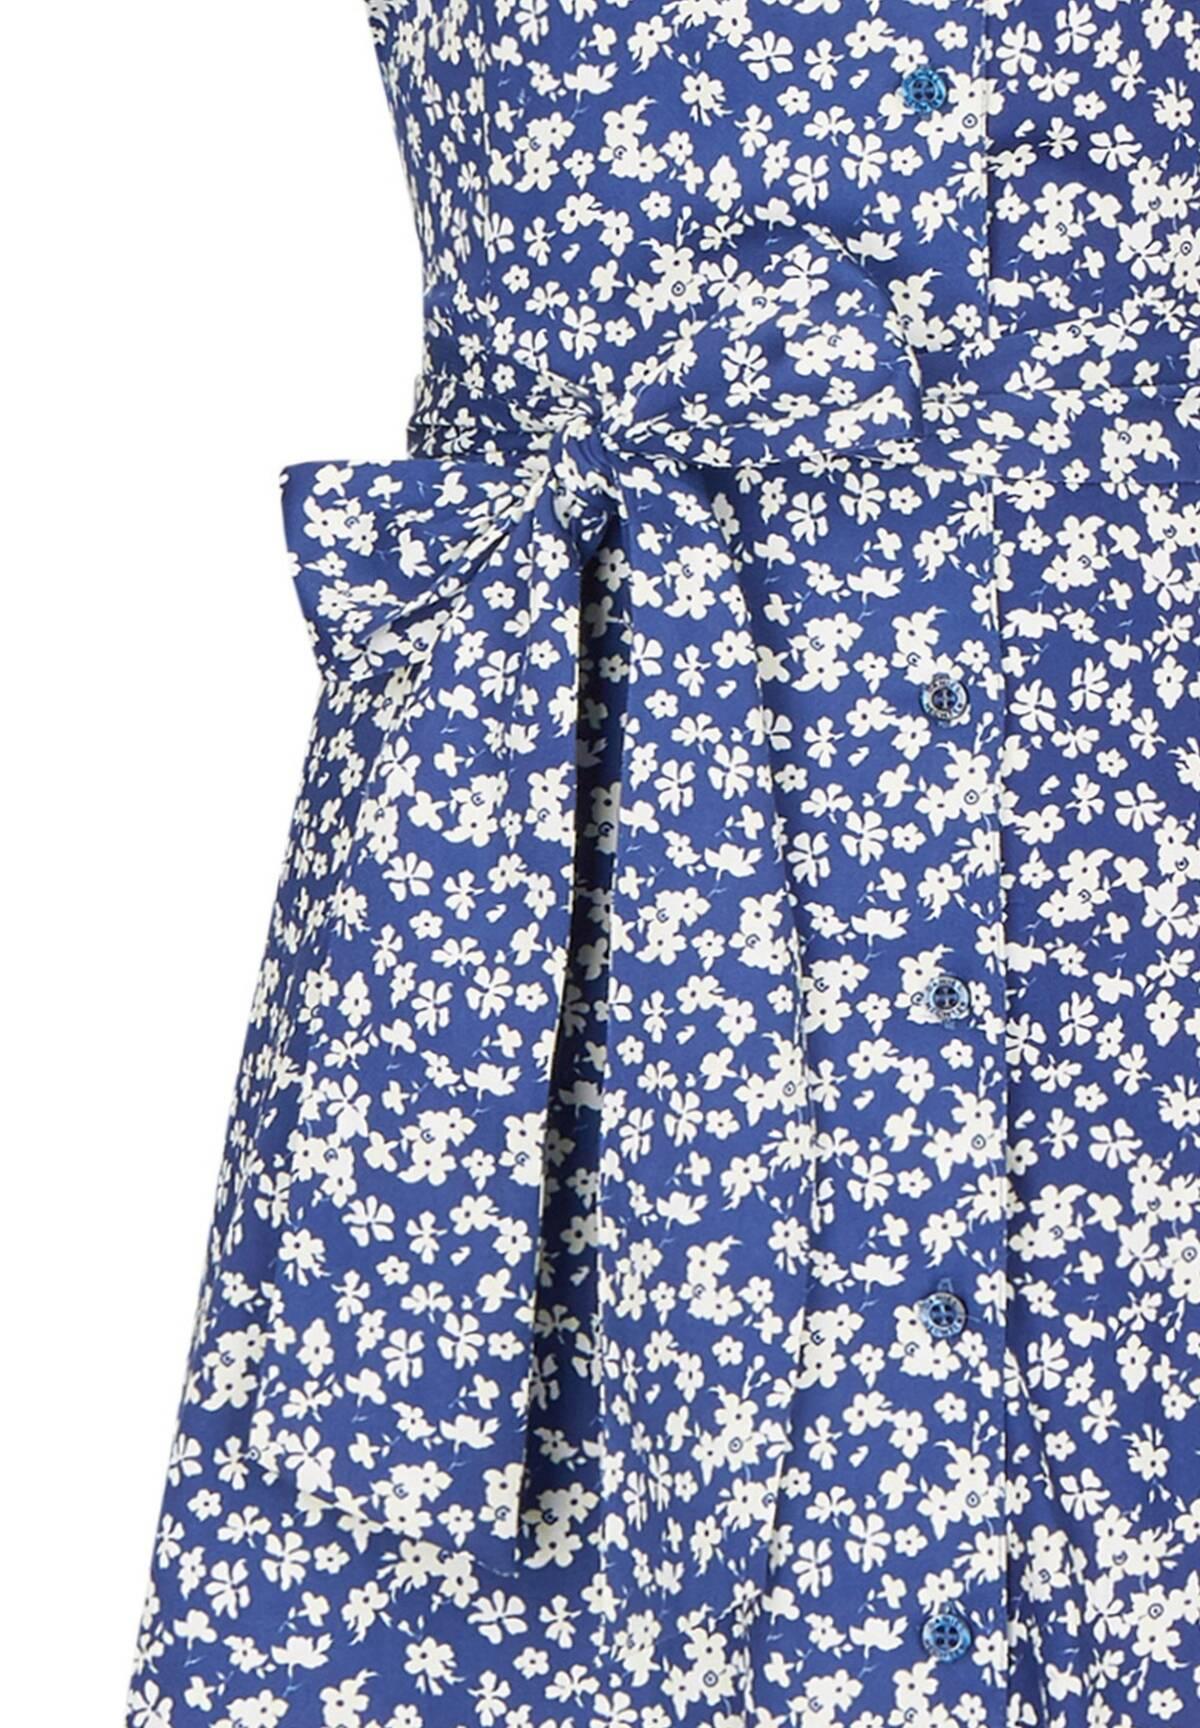 Sommerliches Kleid mit frischem Blumenmuster / Dress